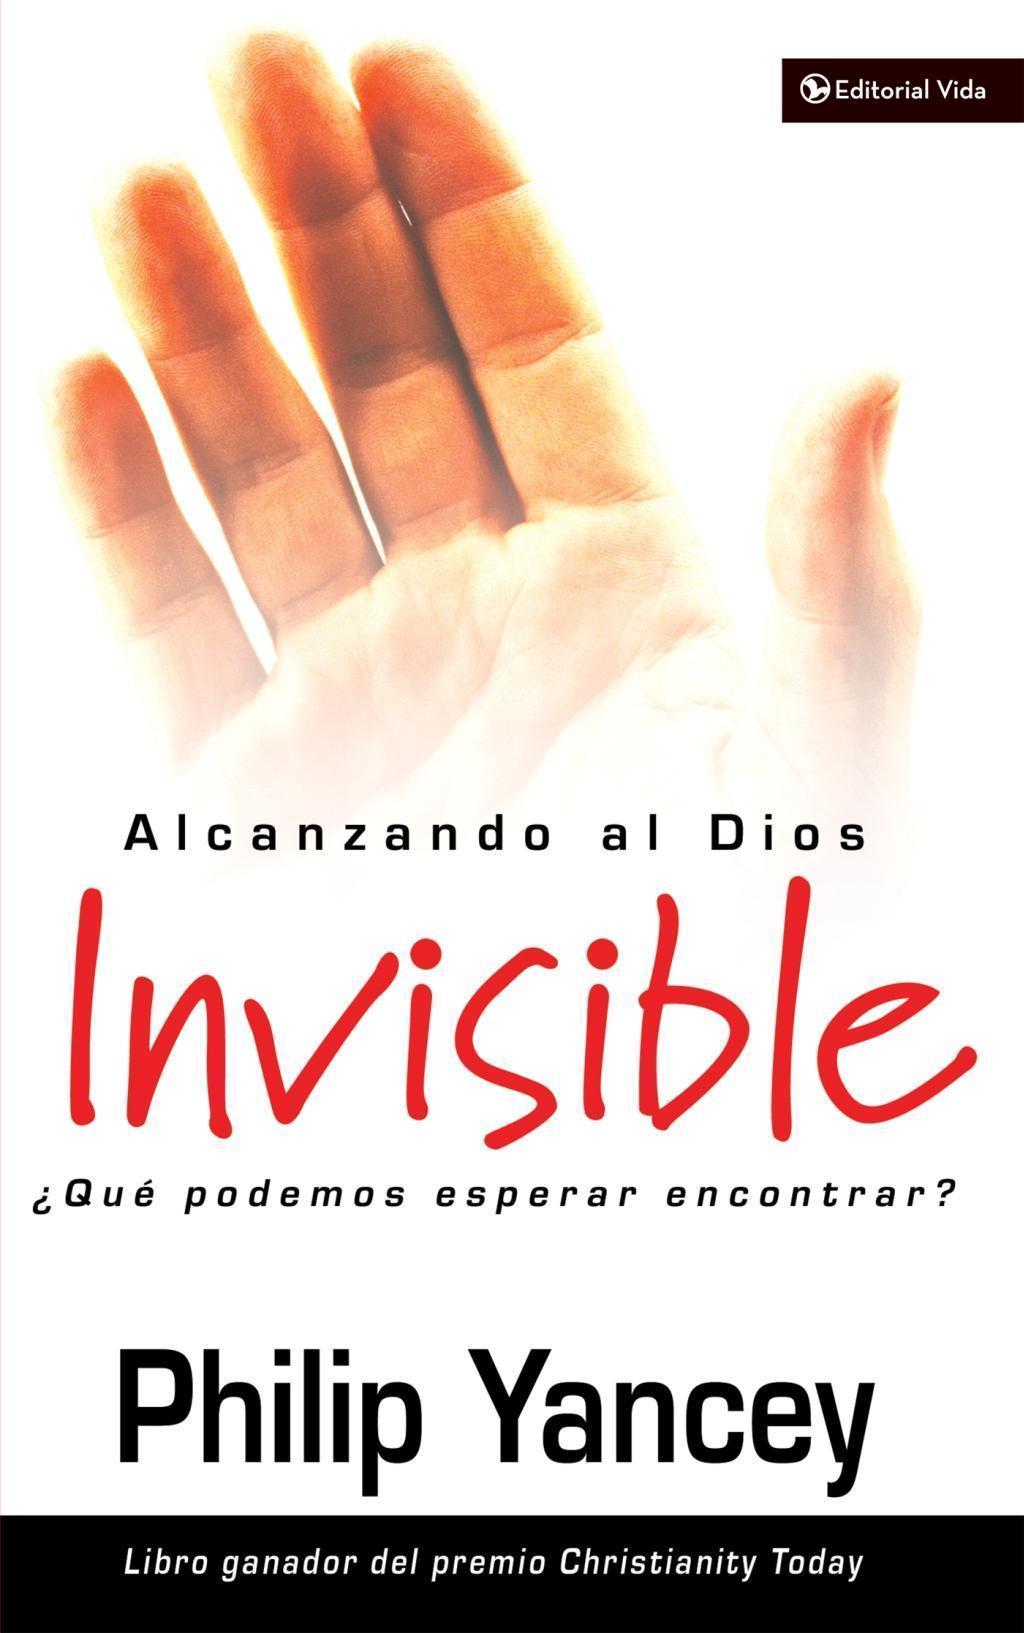 Alcanzando al Dios invisible